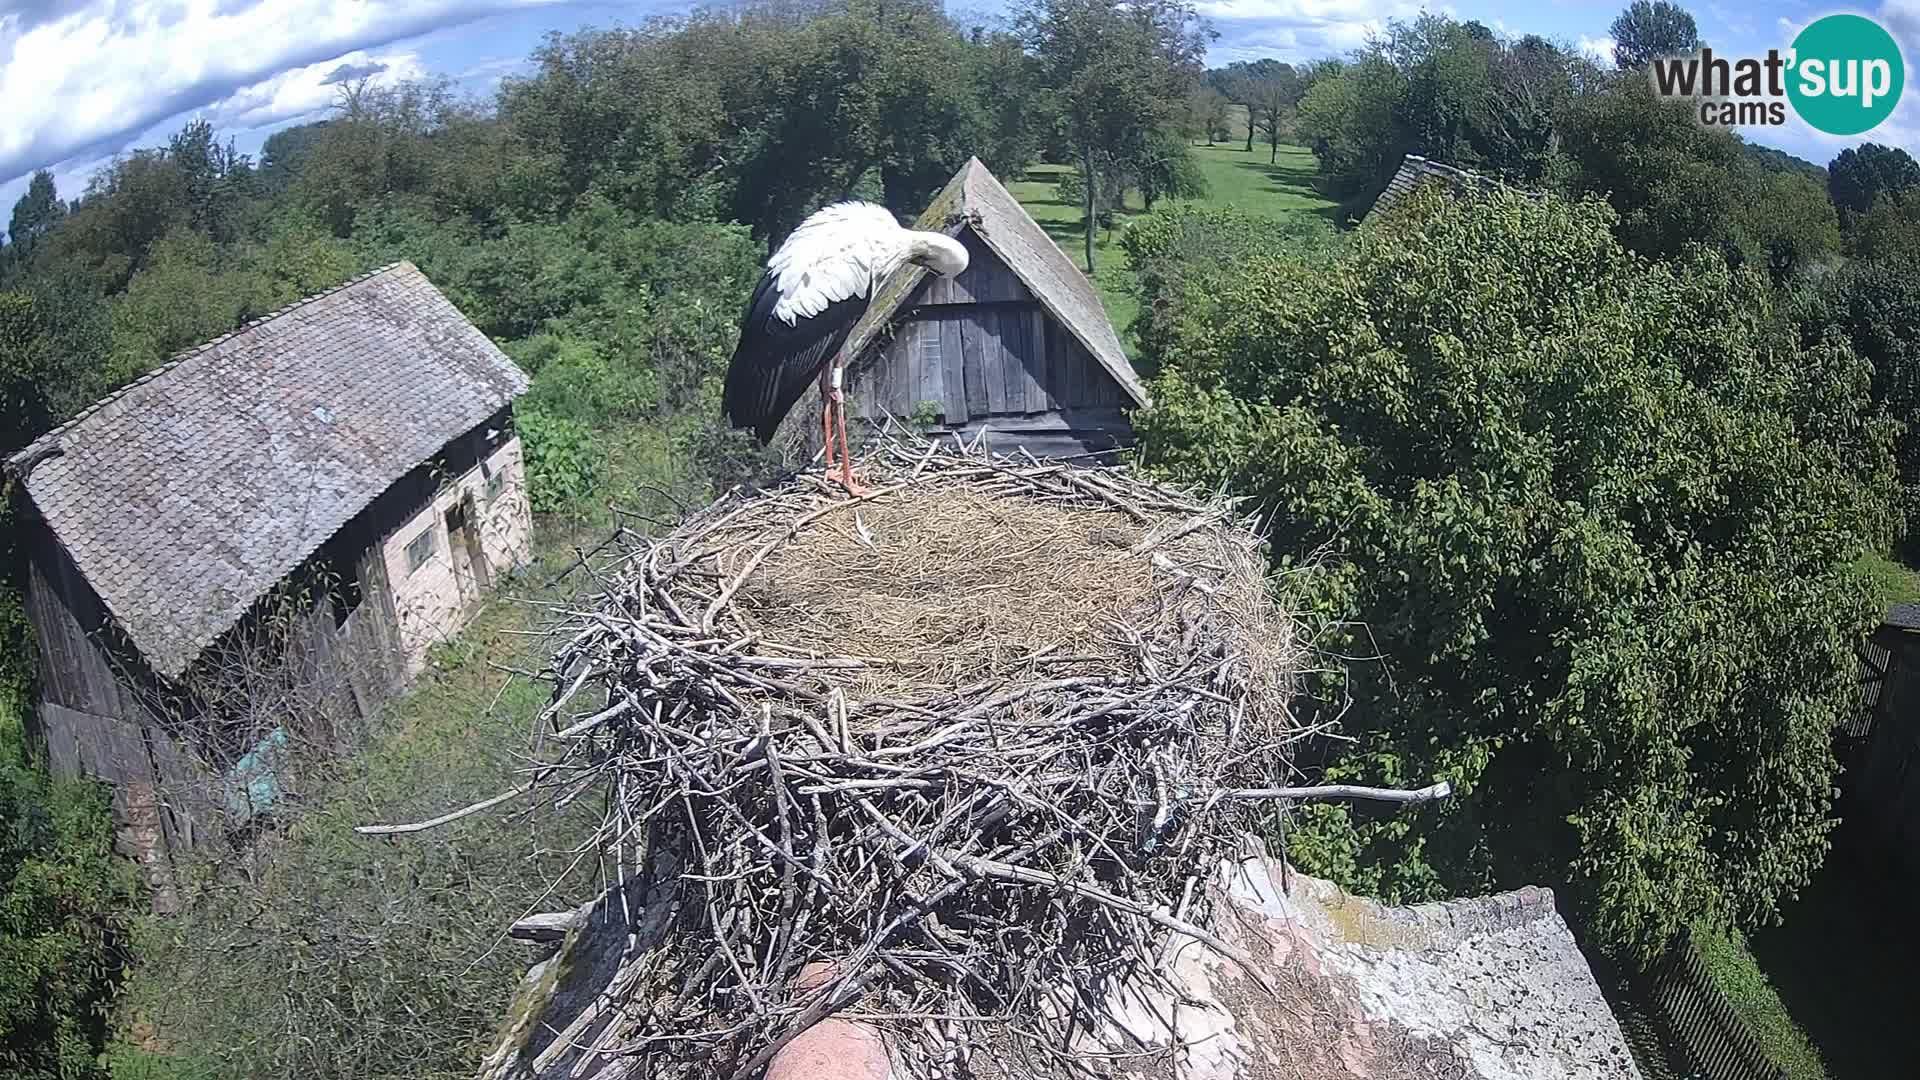 Pueblo europeo de cigüeñas camera en vivo Parque Natural Lonjsko polje